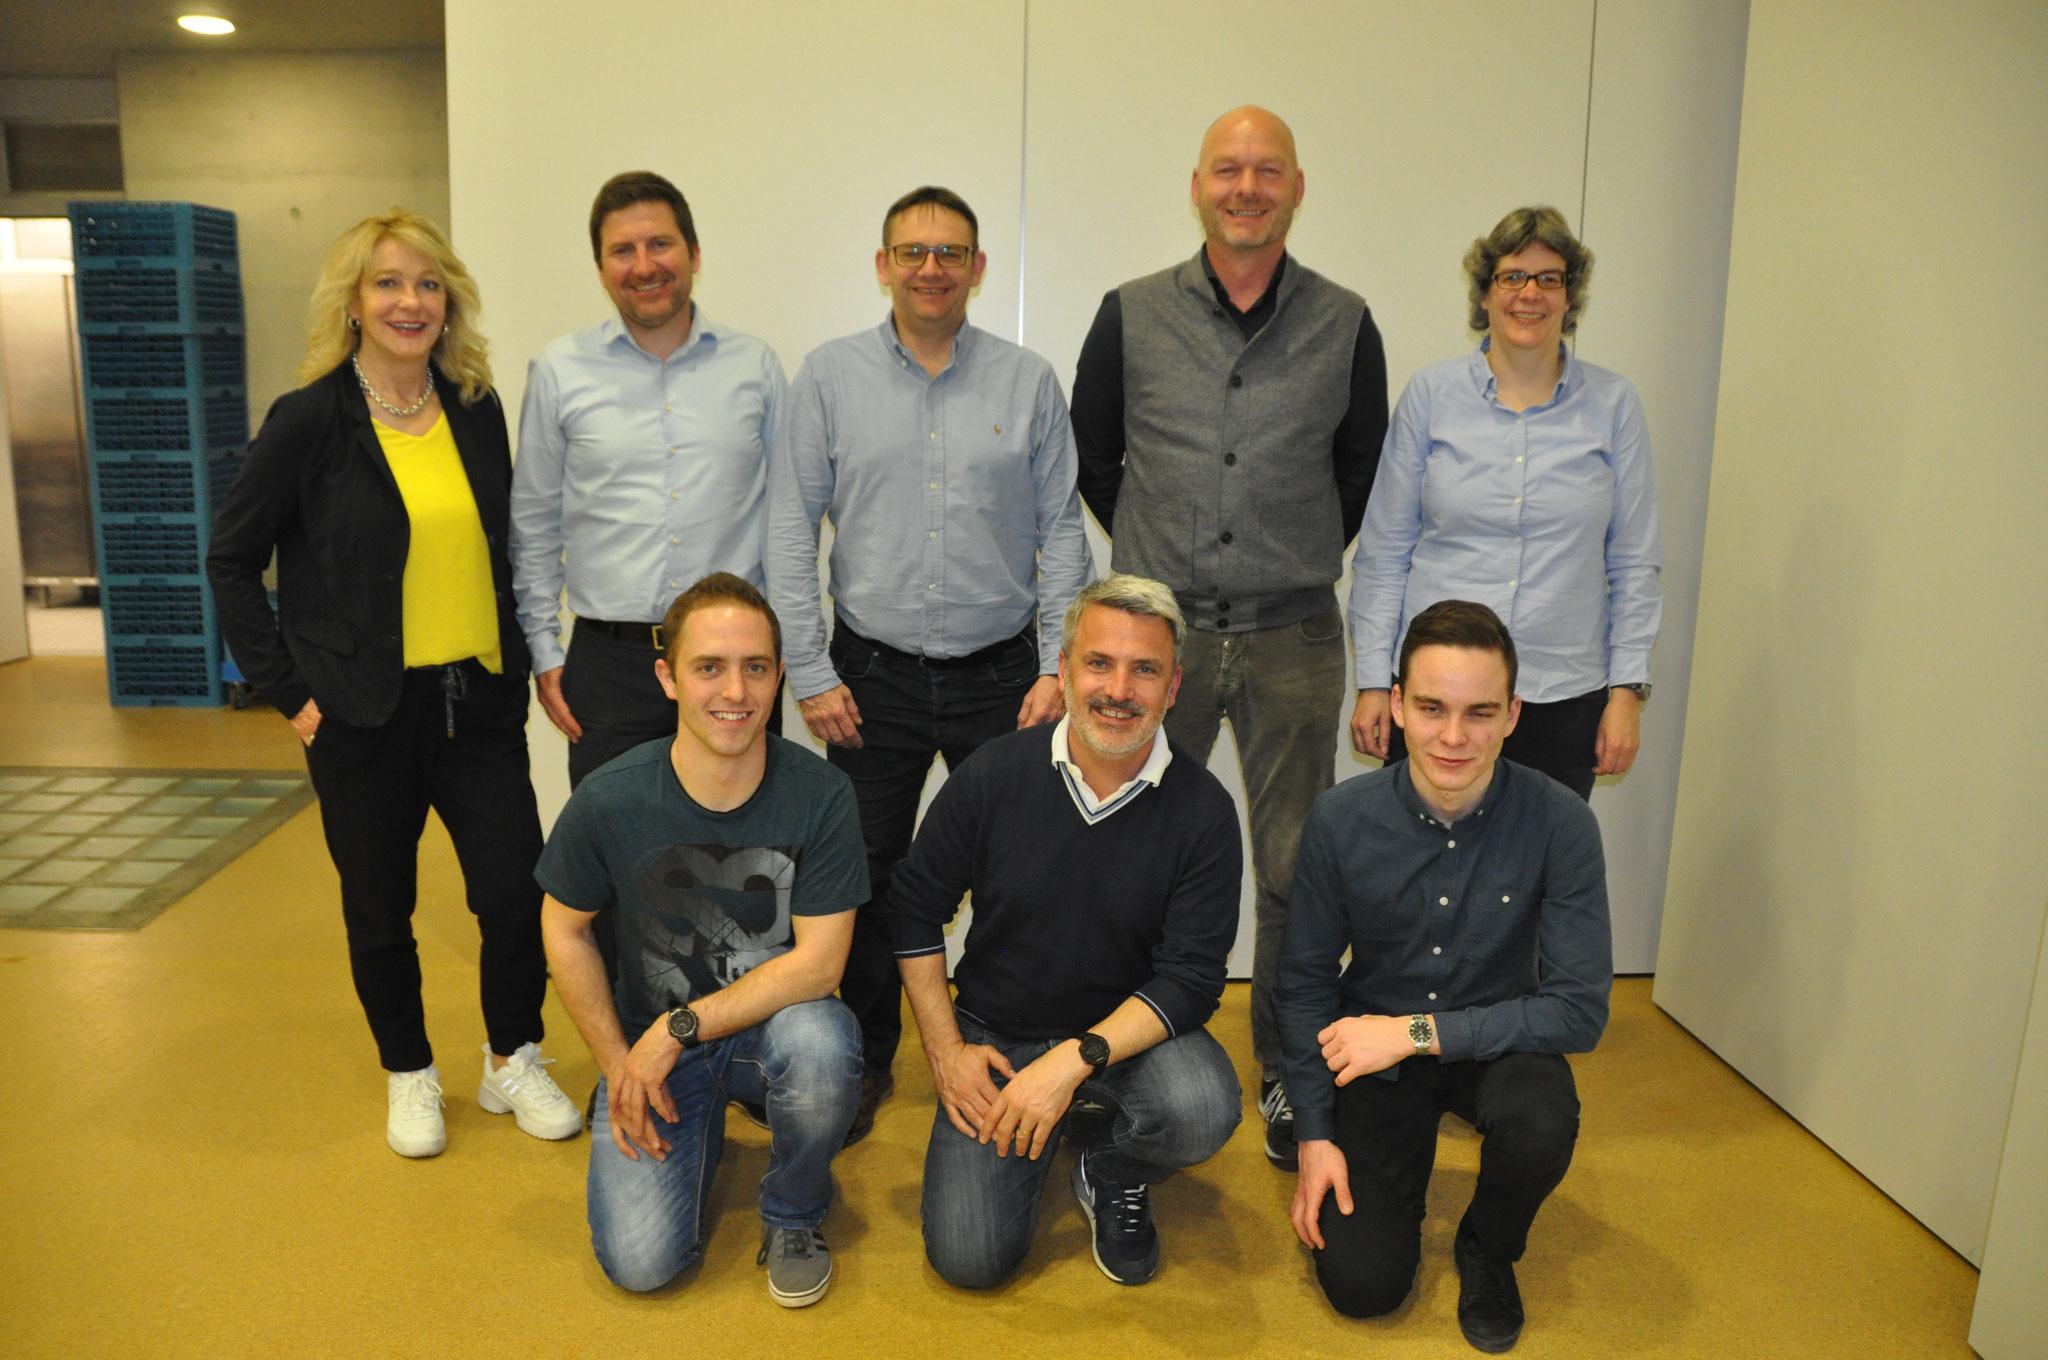 Der neue Vorstand: Sonja Bucheli, Alex Lötscher, Martin Gerber, Bruno Peter, Frank Bringold, Jens Röth, Jonas Steiger, Conny Graber (von links nach rechts). Es fehlt: René Keller.